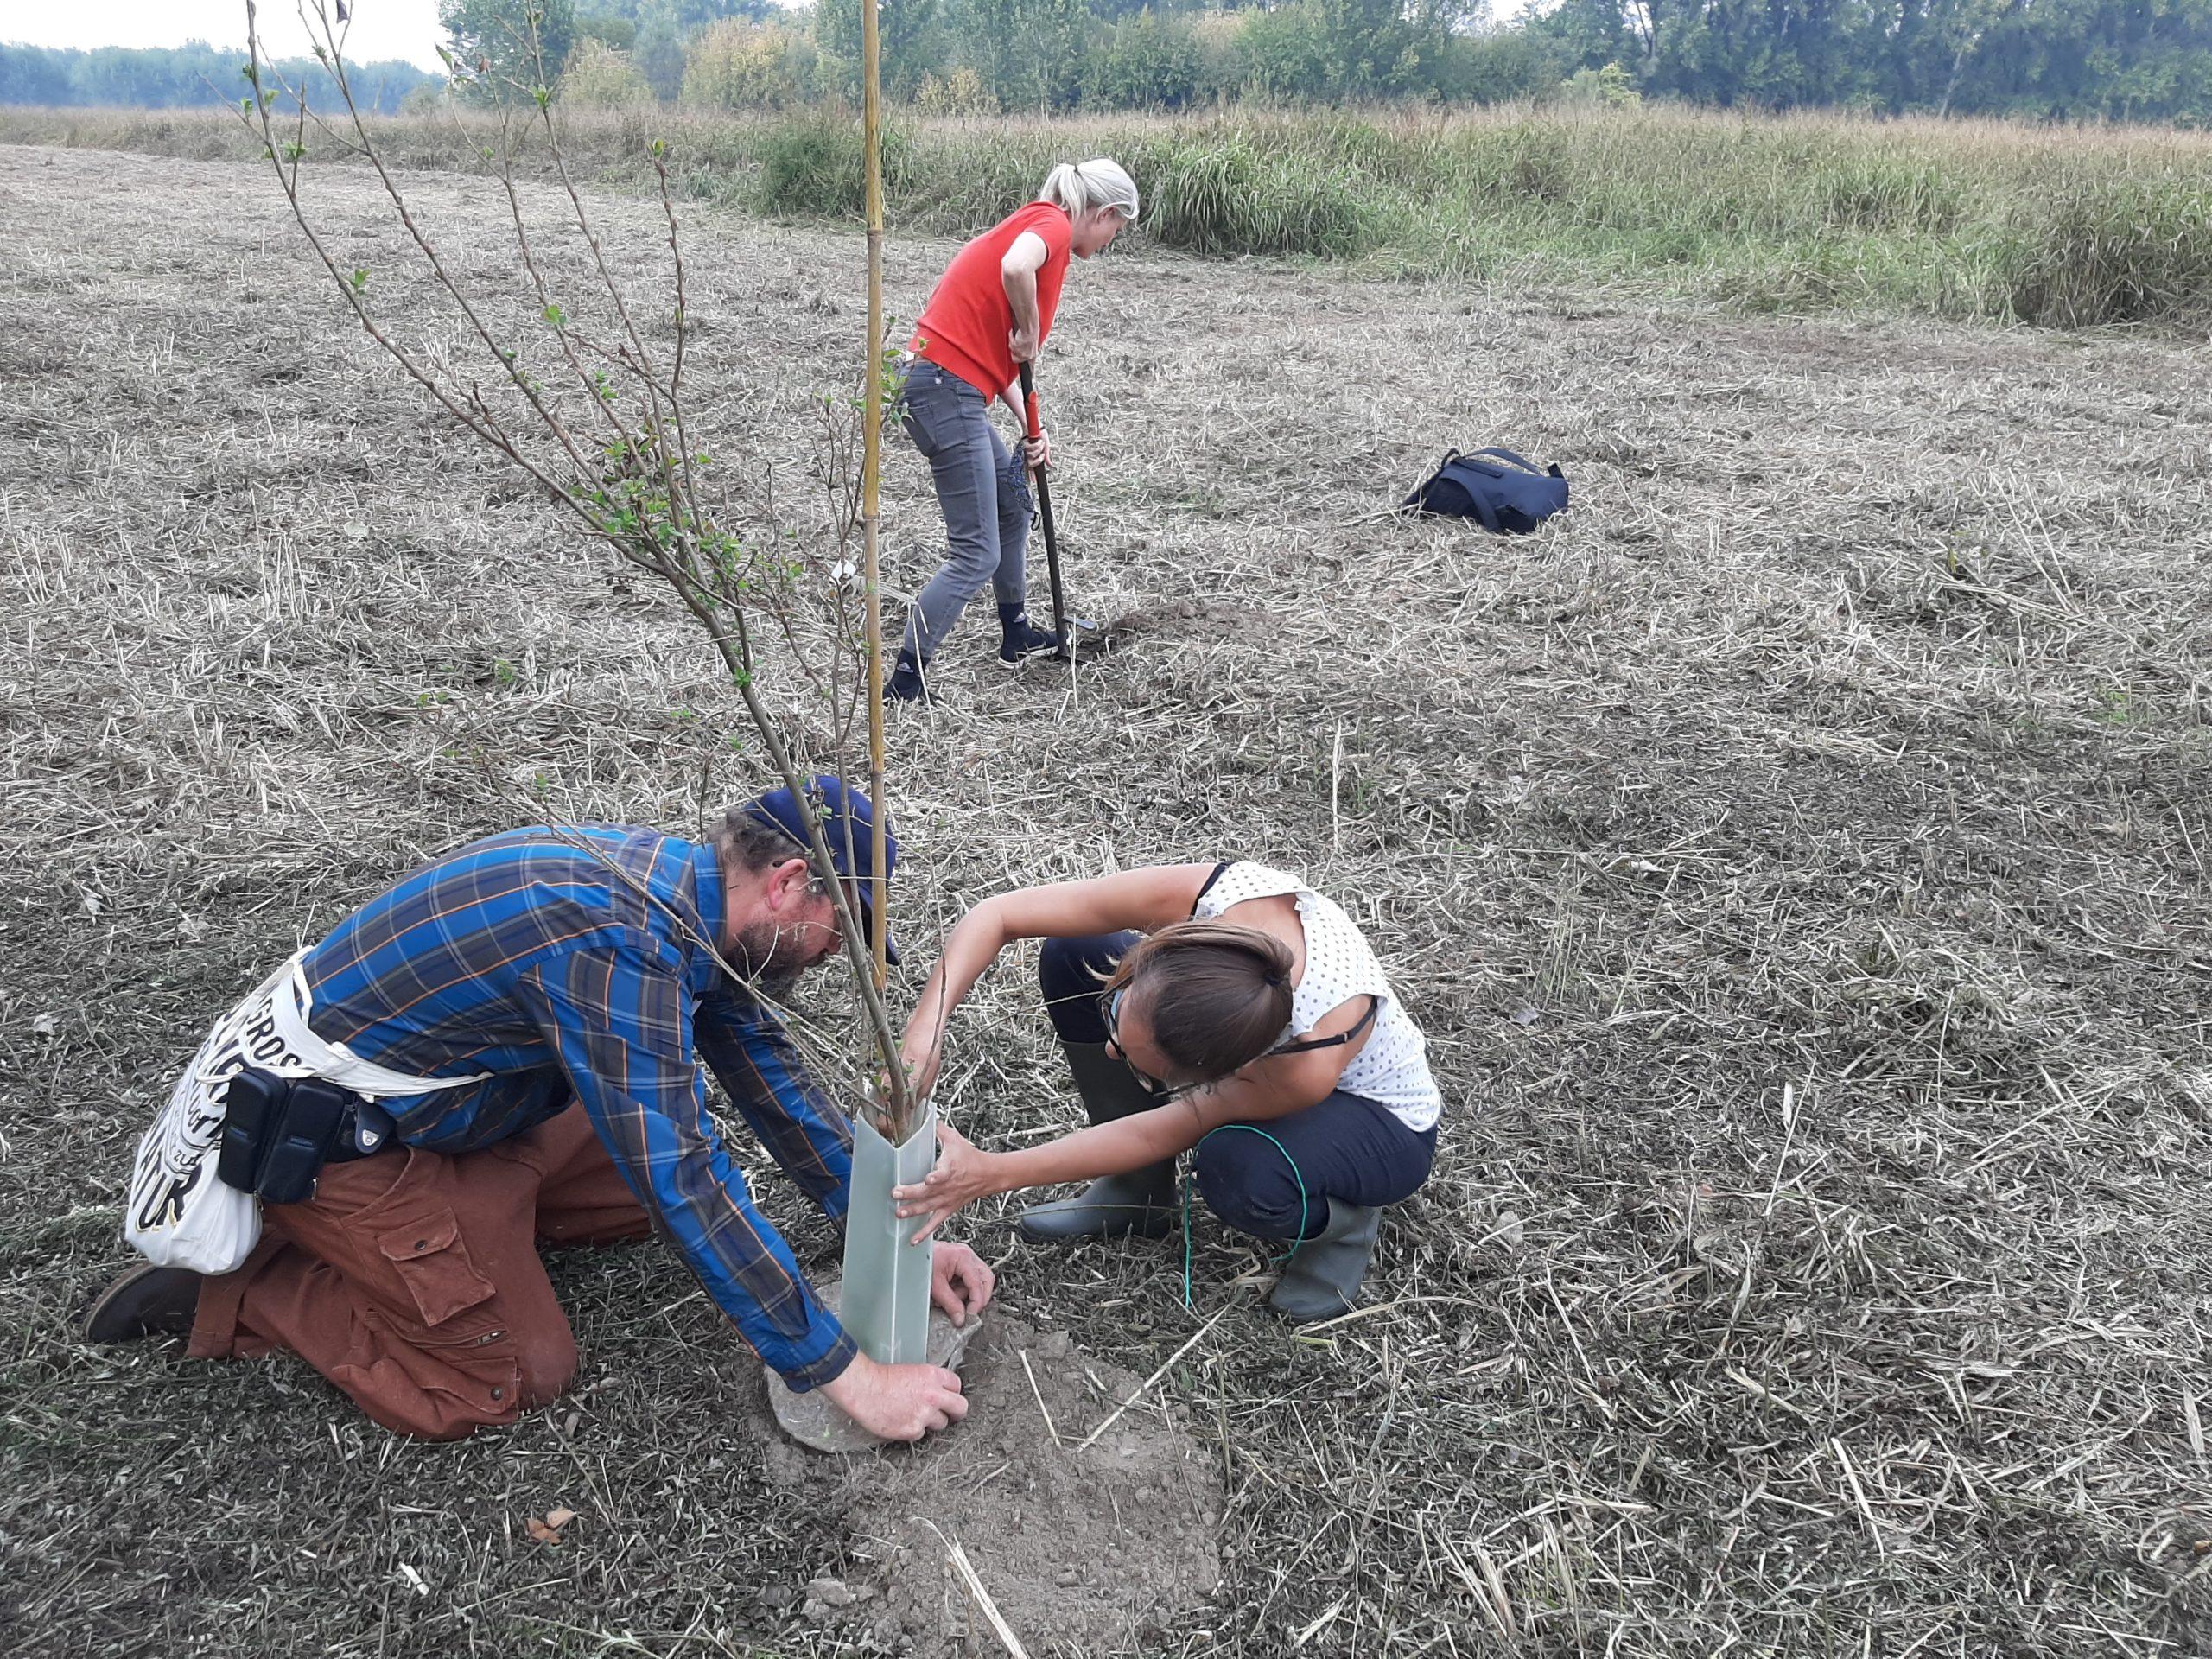 """Due partecipanti al progetto  """"Imparare per il futuro"""" piantano un albero nella foresta post-industriale. Credits: Andrea Degl'Innocenti."""